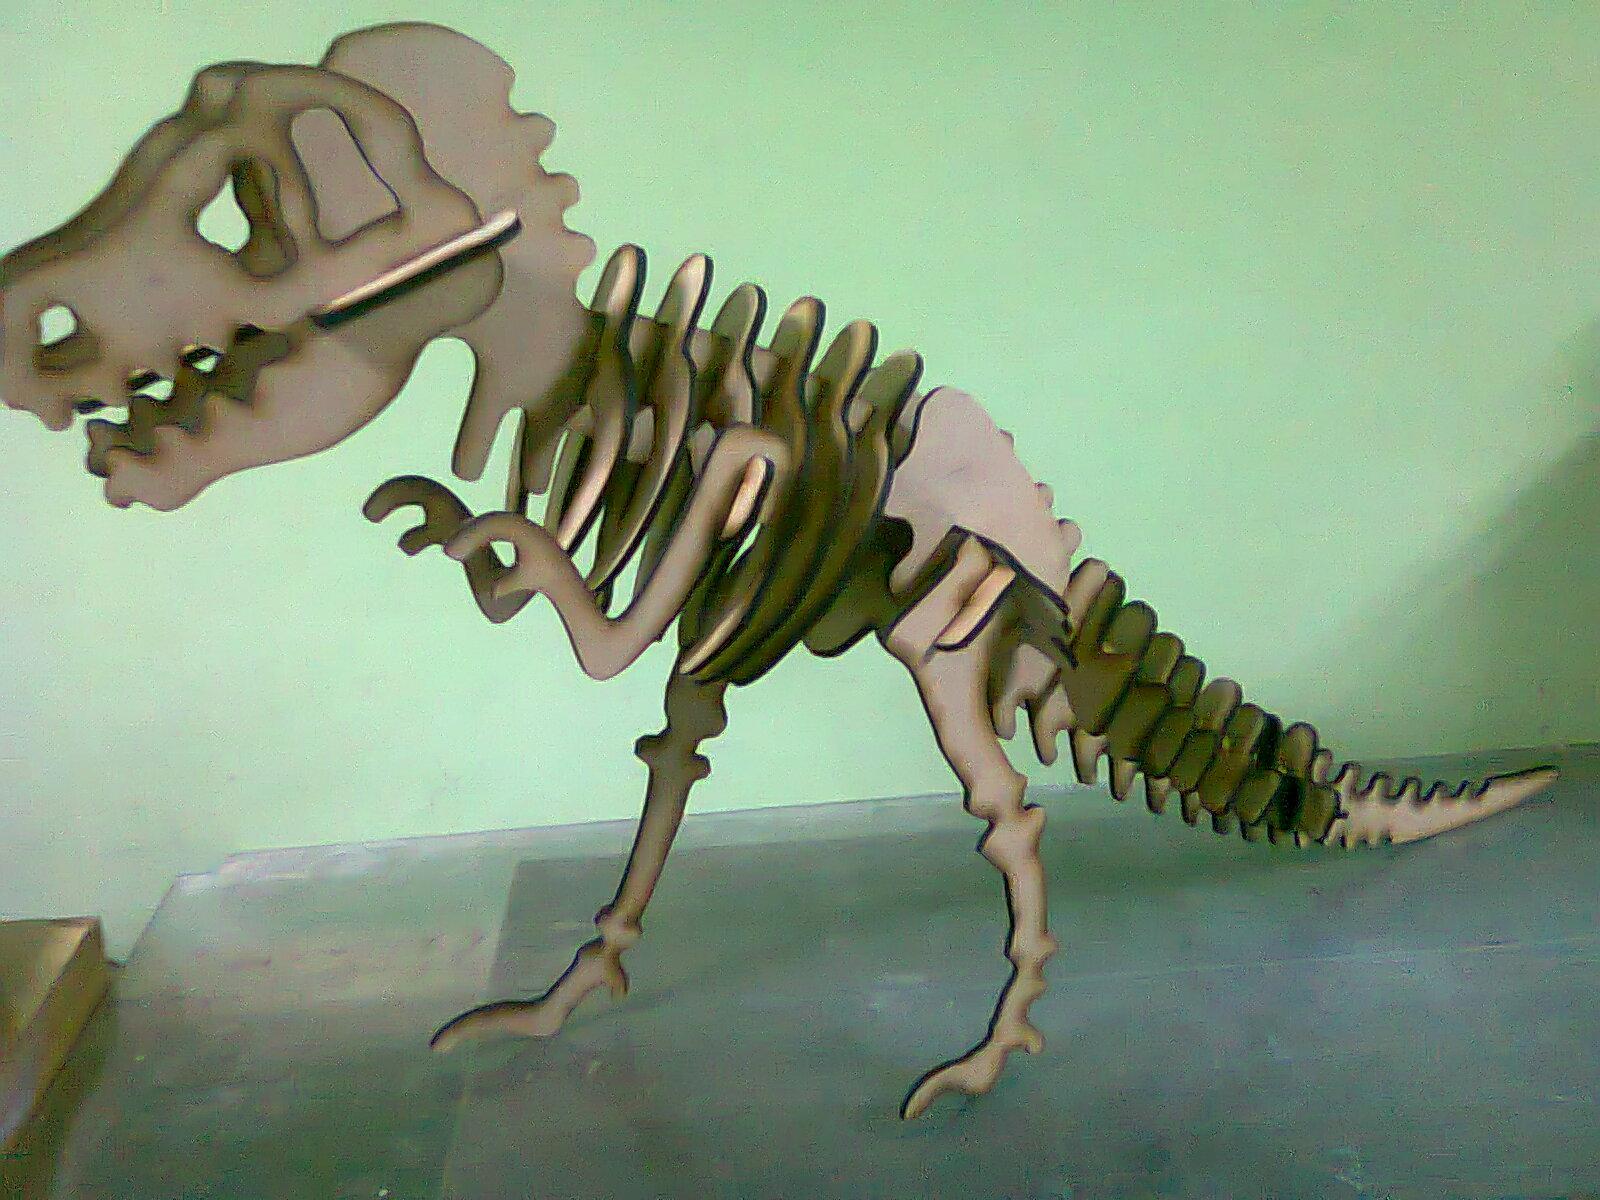 Tiranossauro rex porno xxx scenes